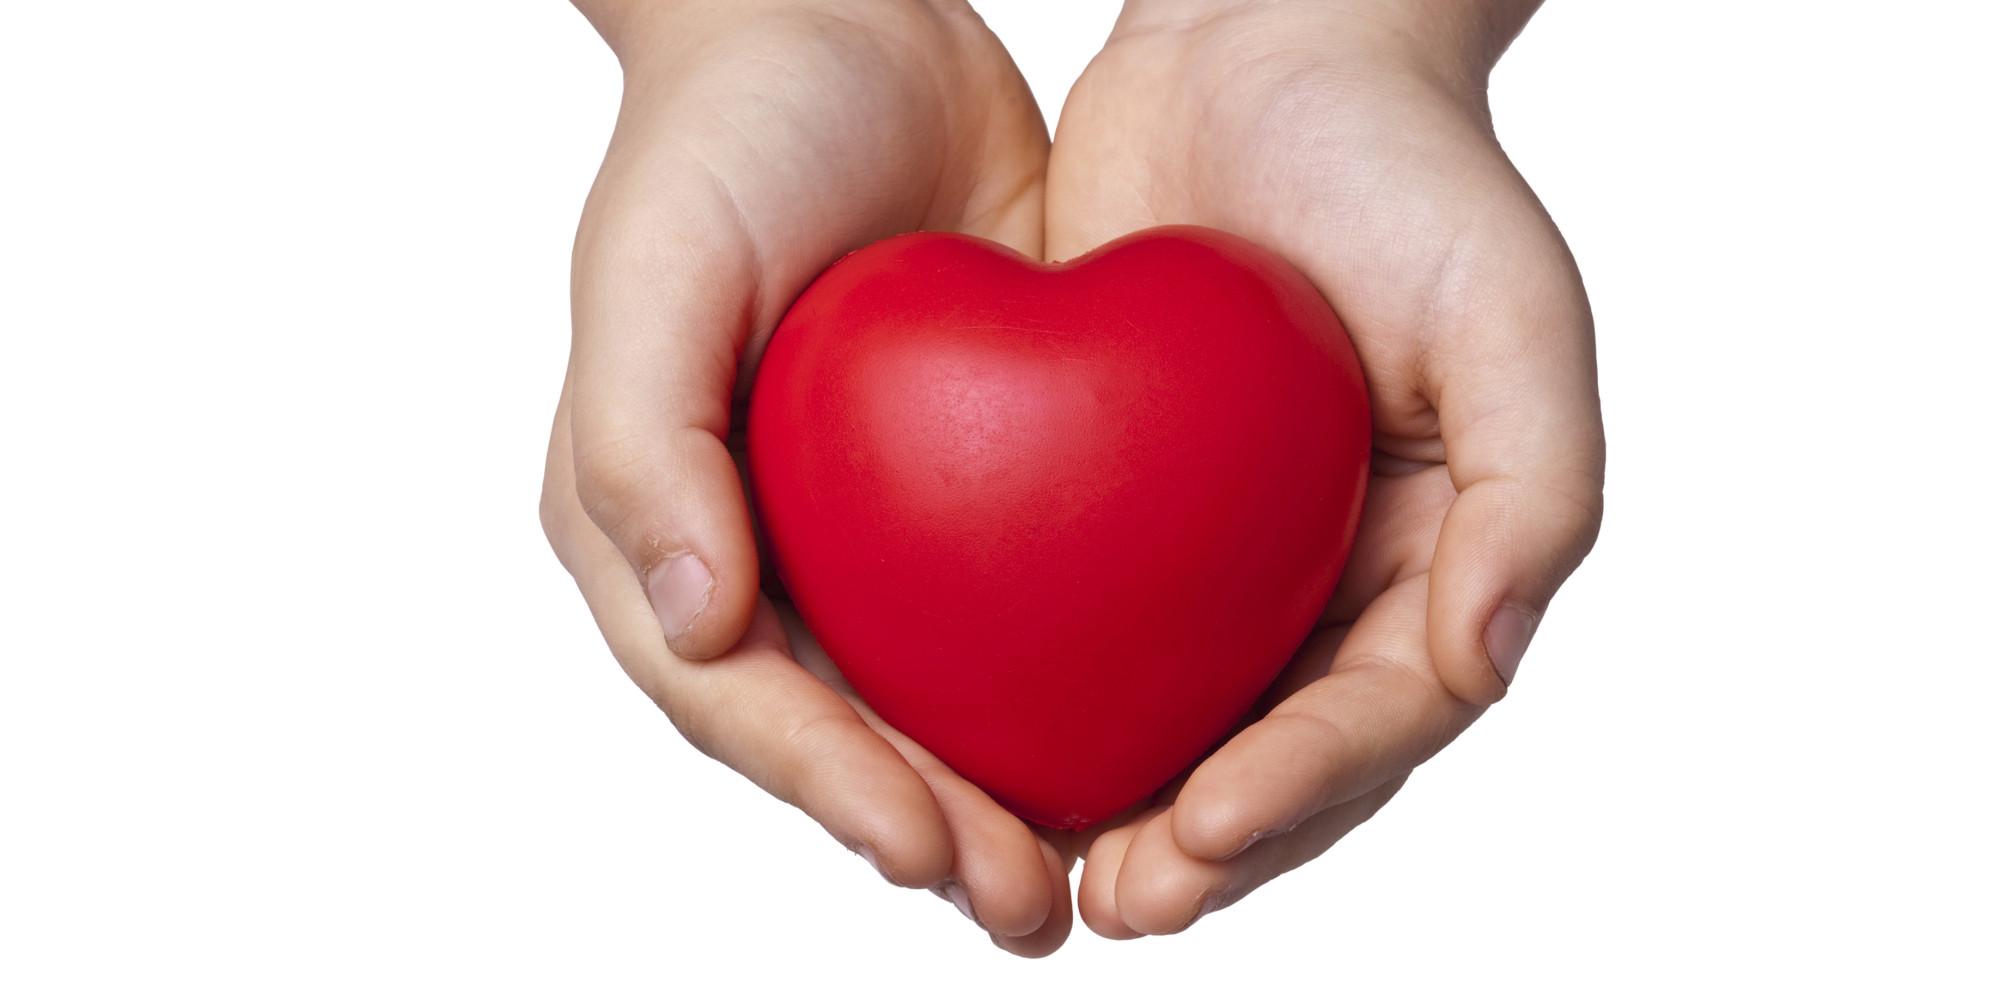 Donar un órgano: Un regalo de vida, para muchos pacientes